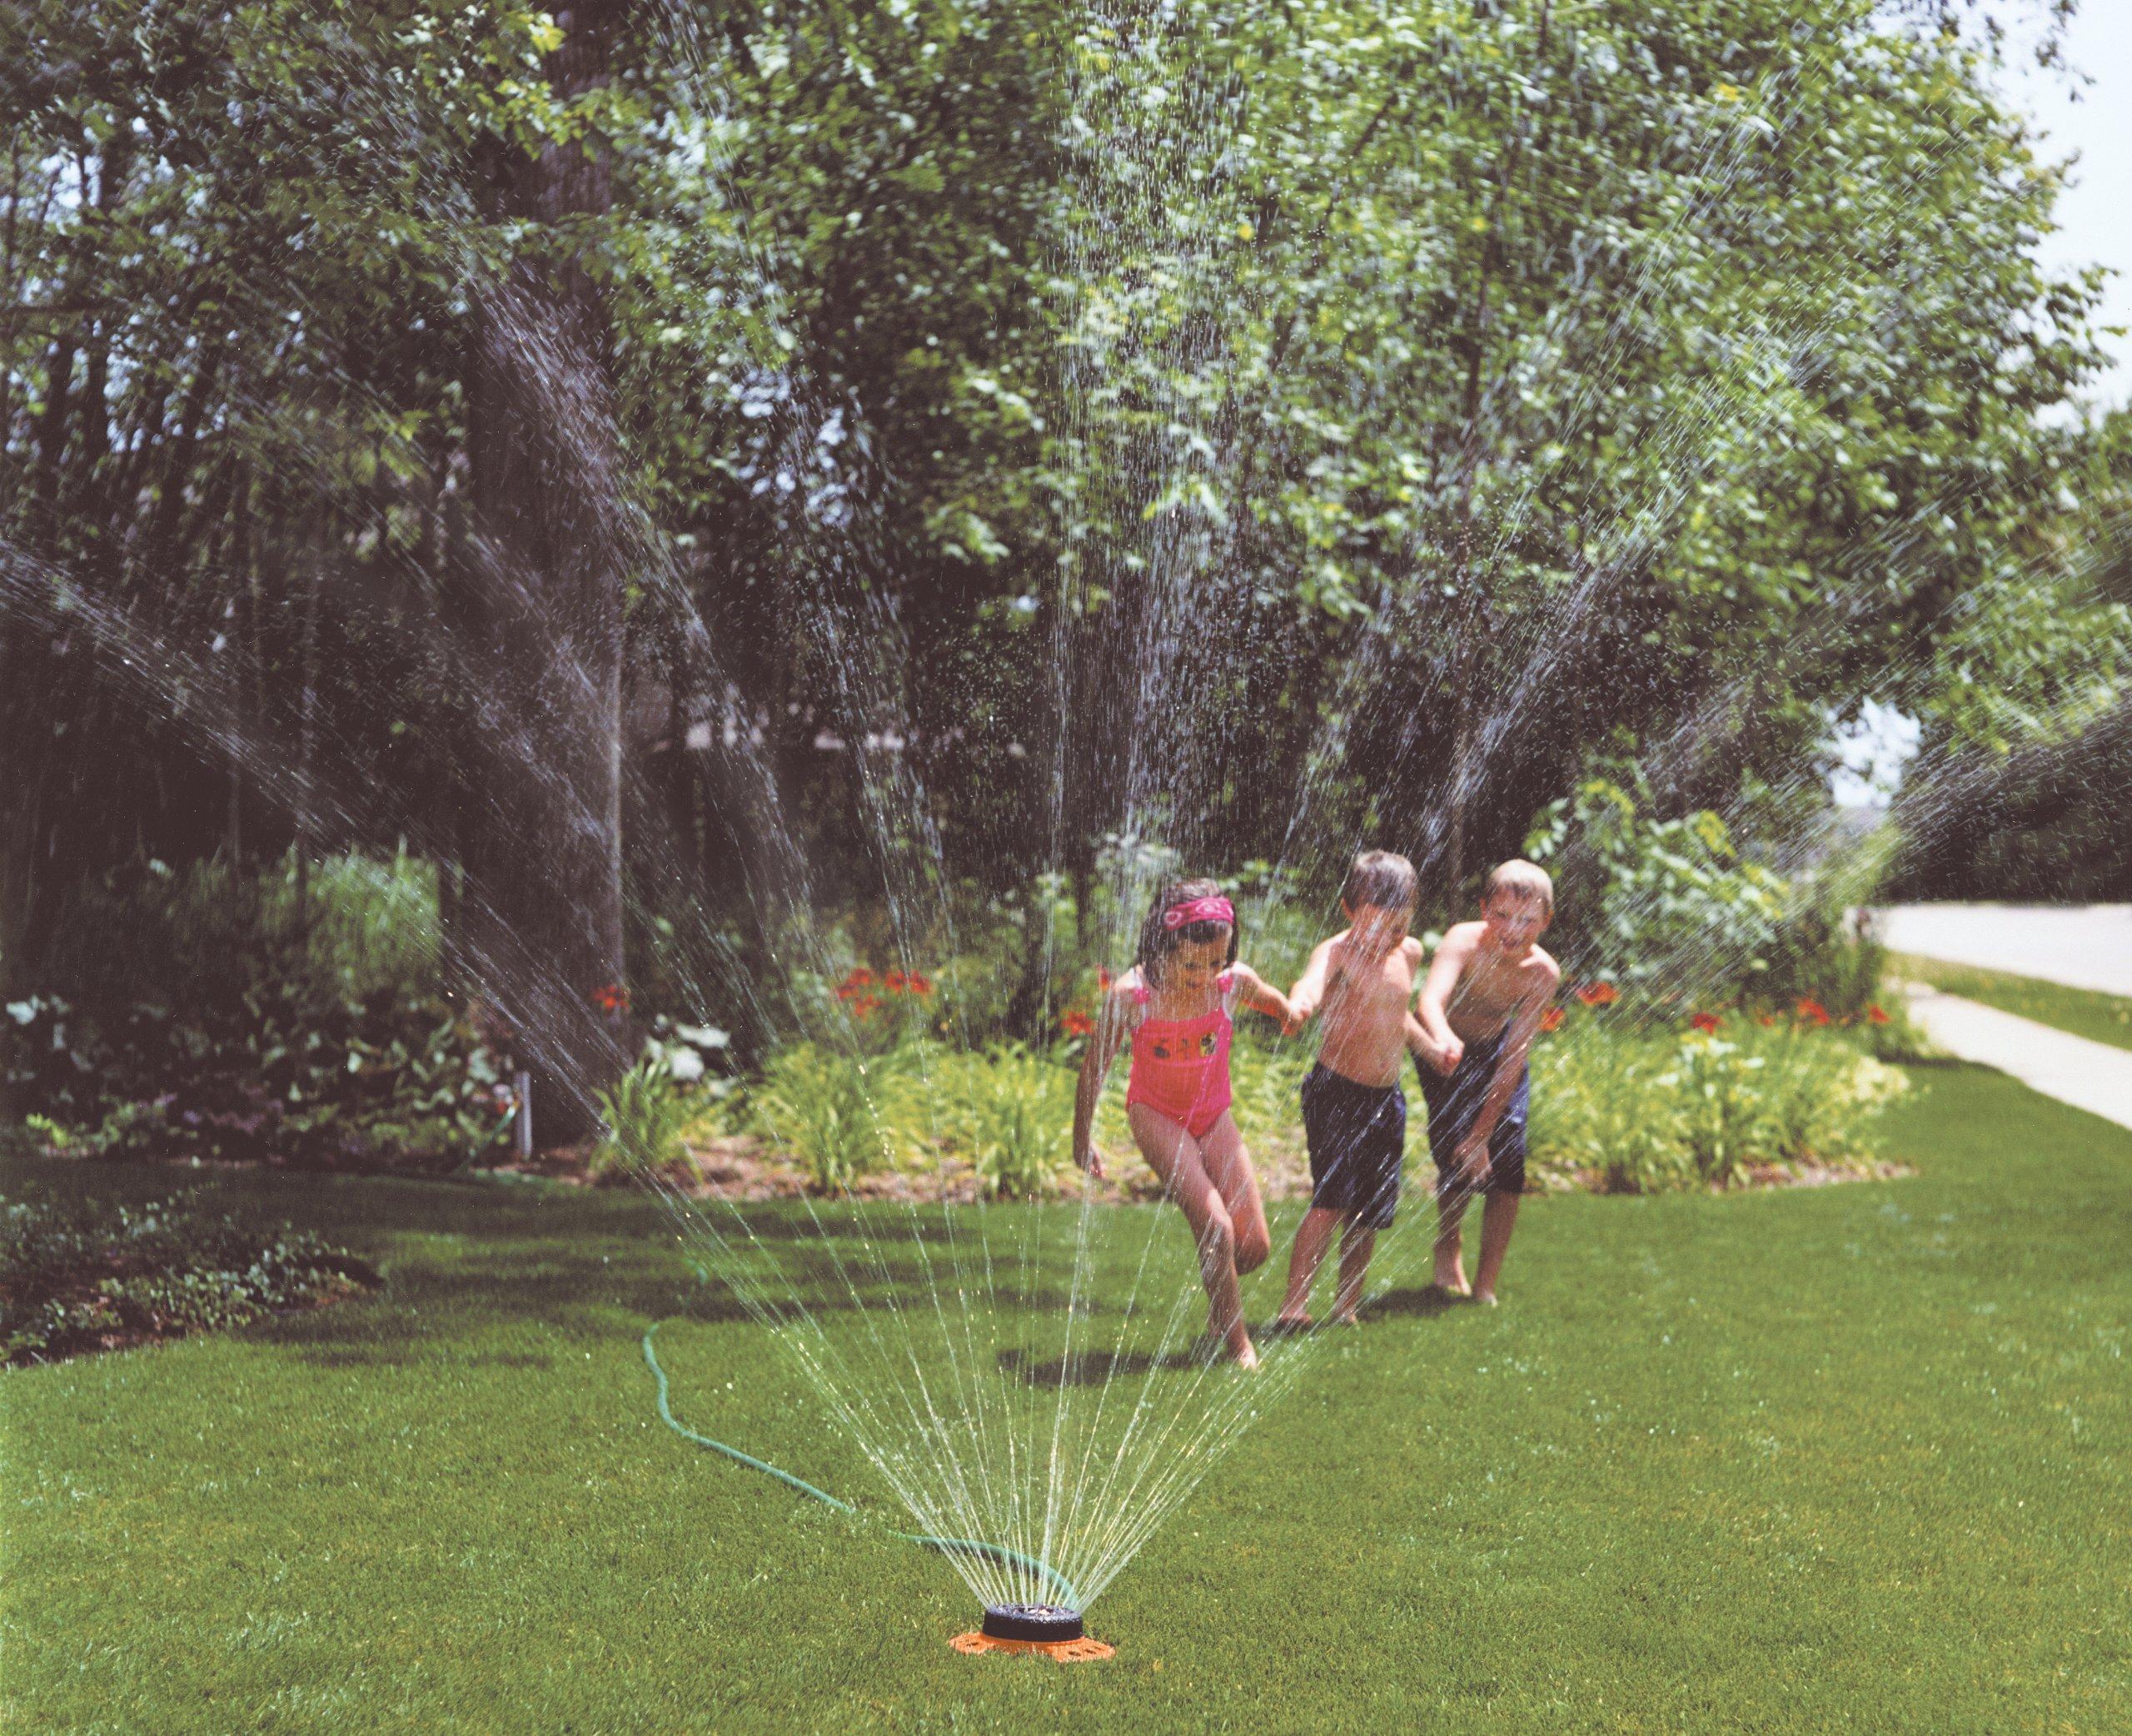 Dramm ColorStorm Turret 9-Pattern Sprinkler, Green